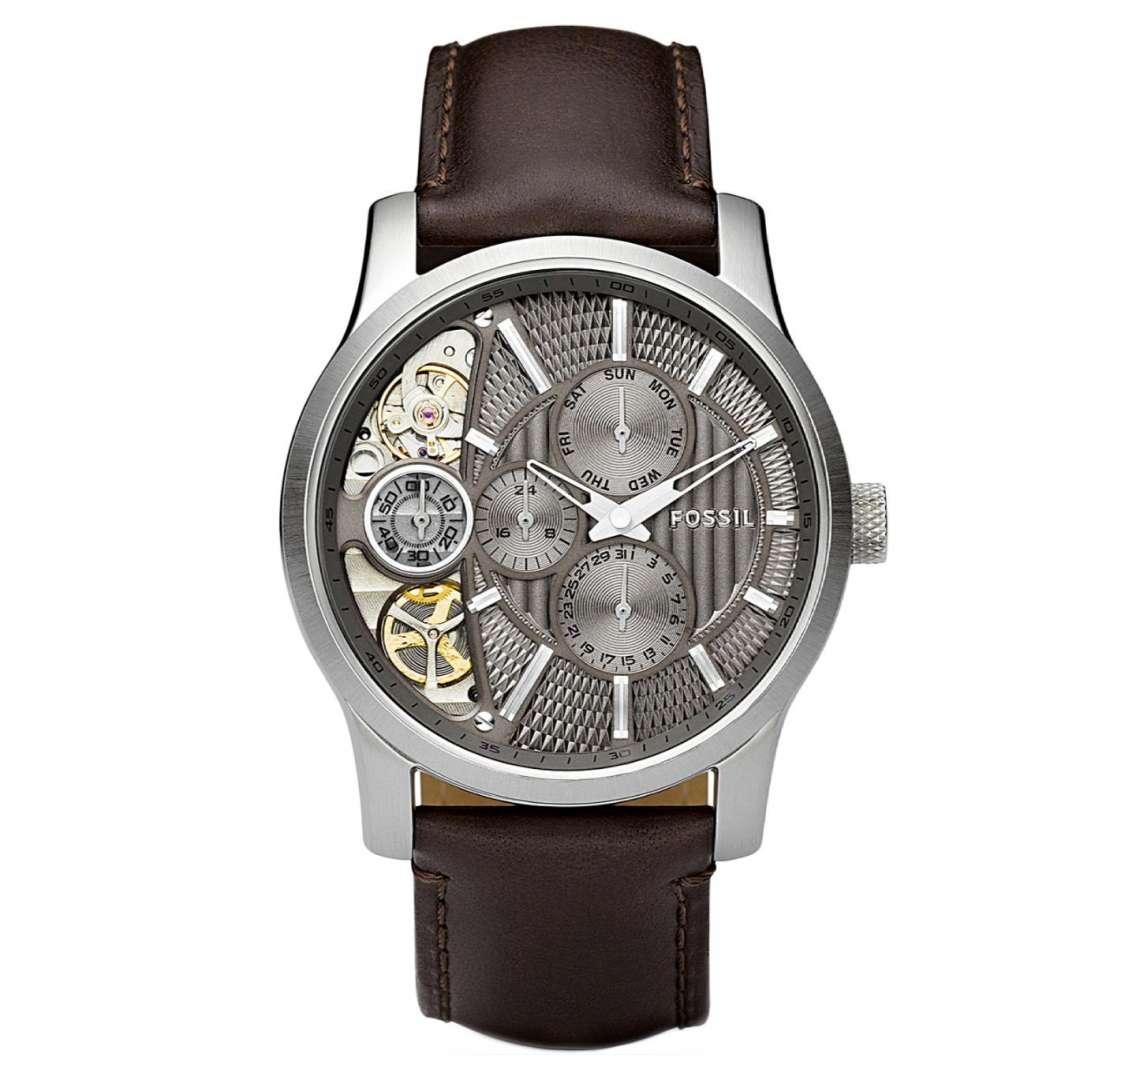 שעון יד אנלוגי fossil me1098 פוסיל